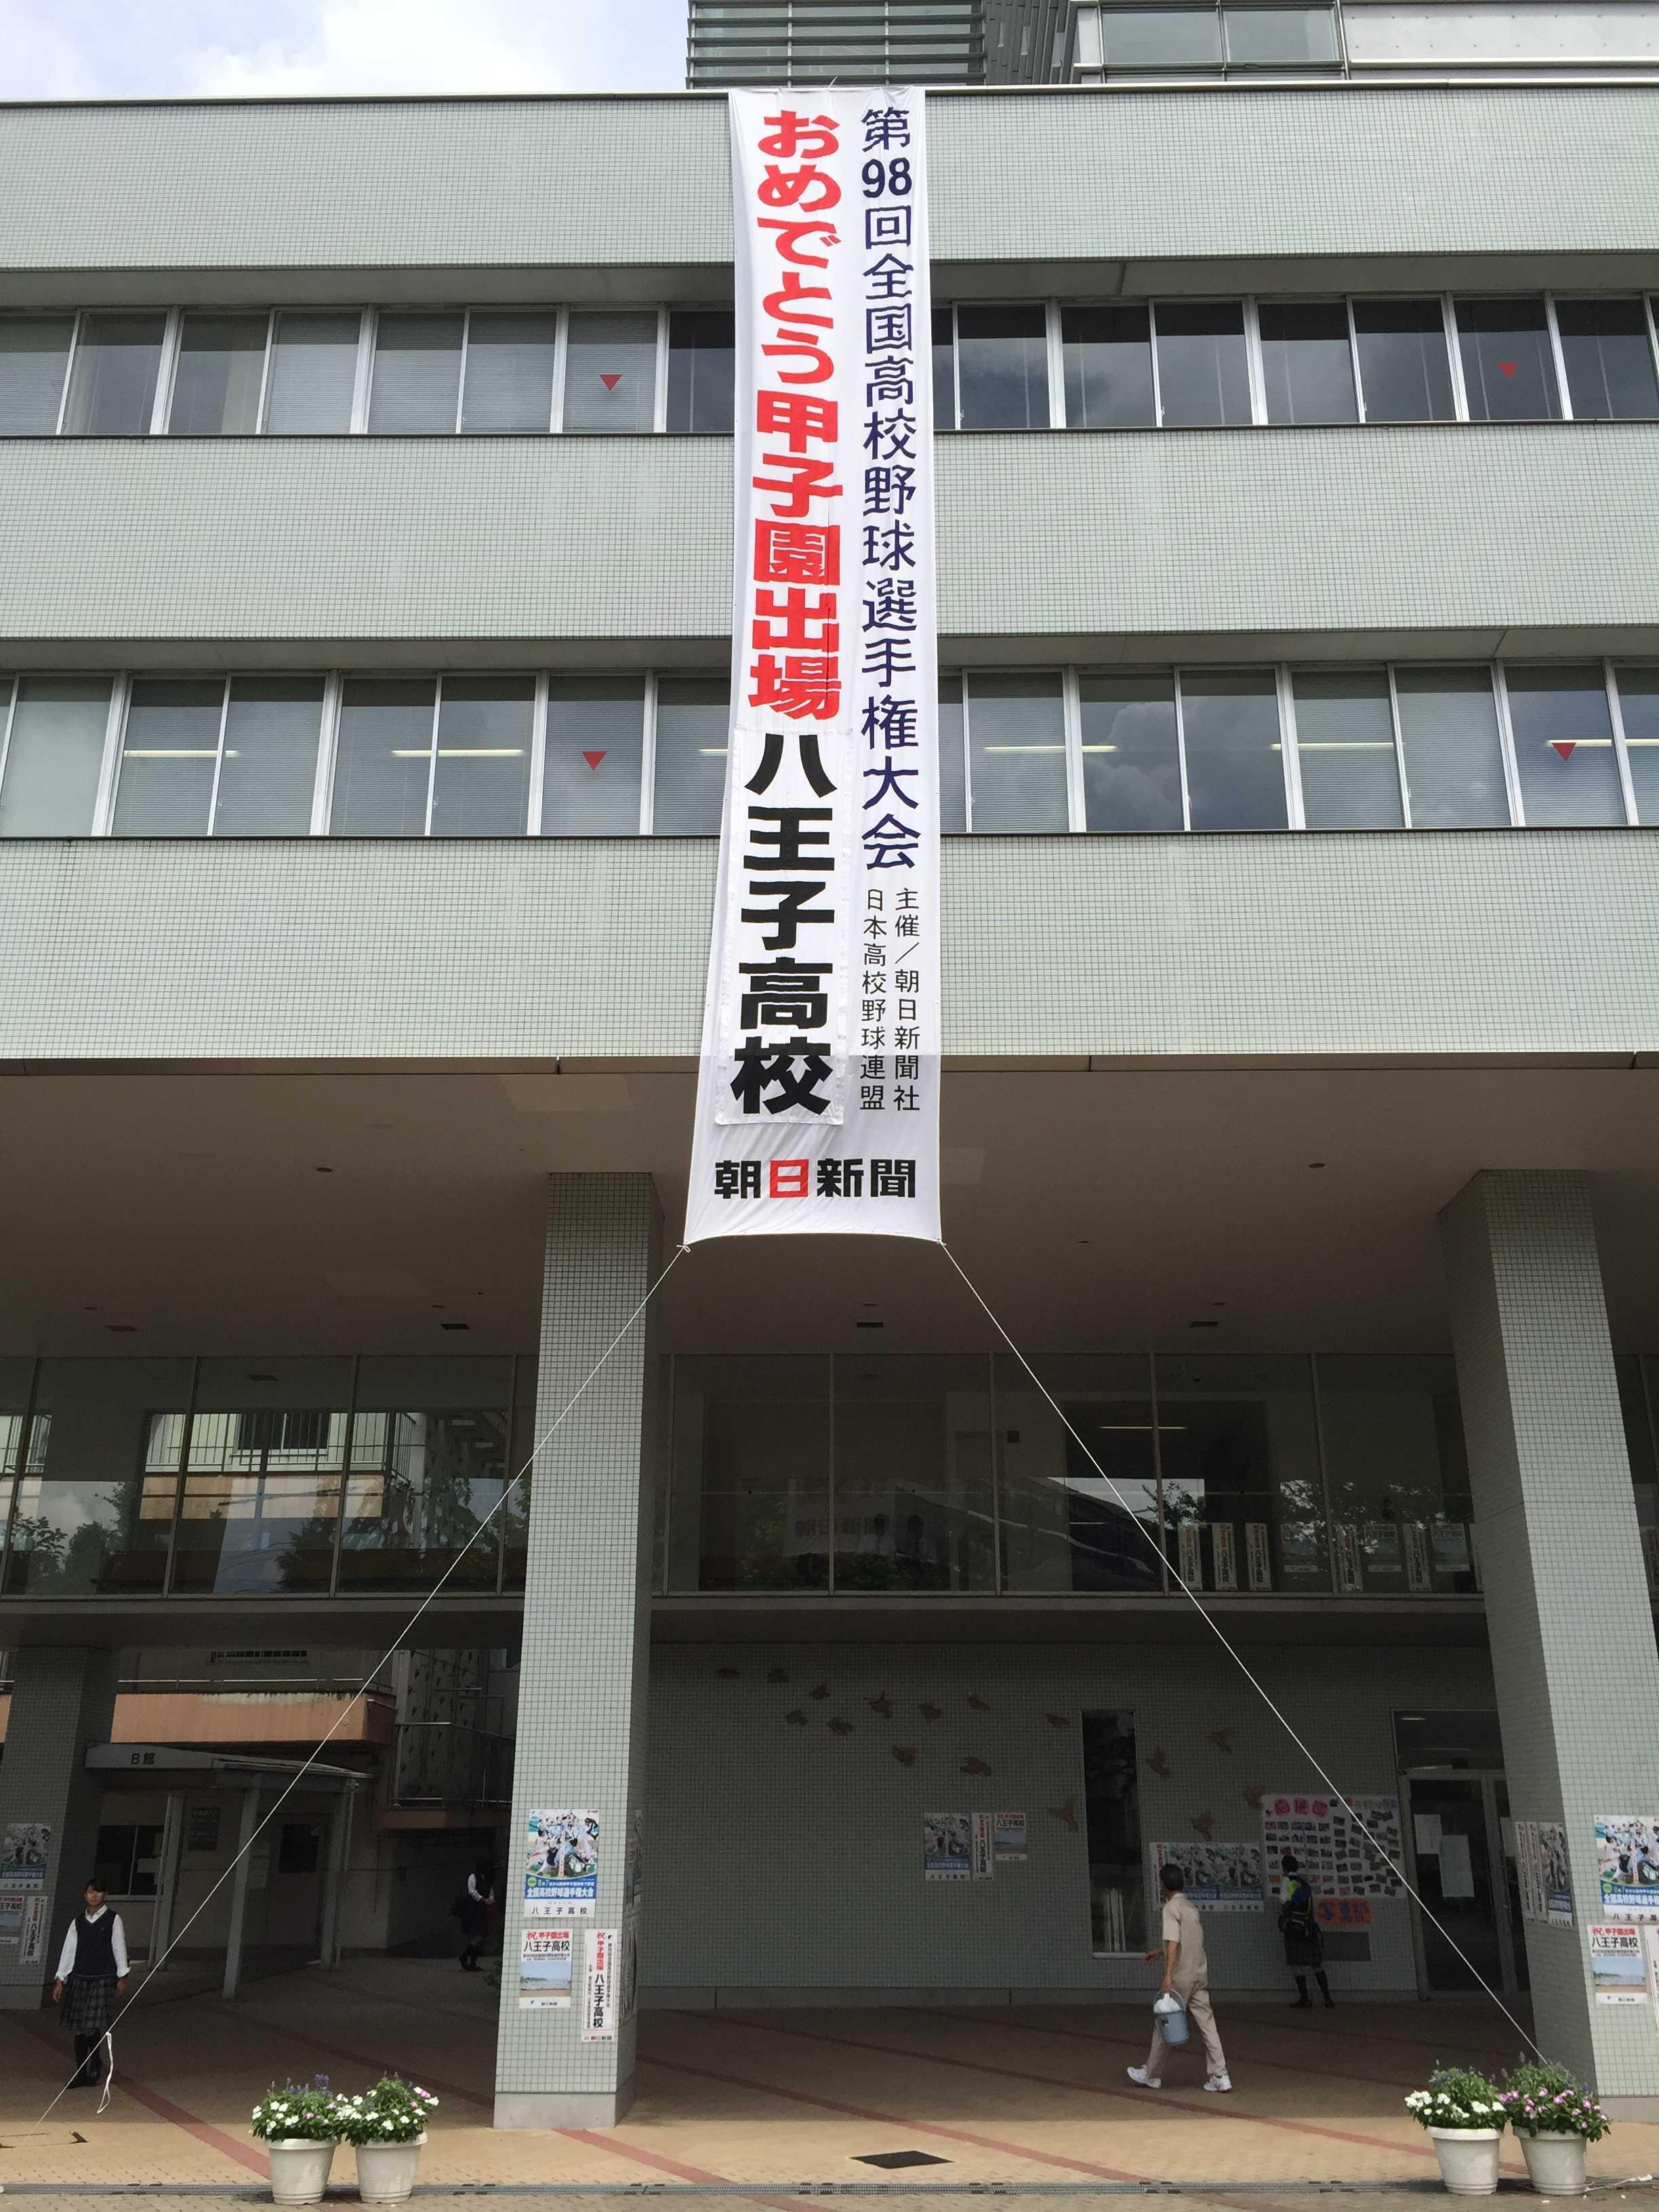 八学校舎に掲げられた甲子園出場を祝う垂れ幕